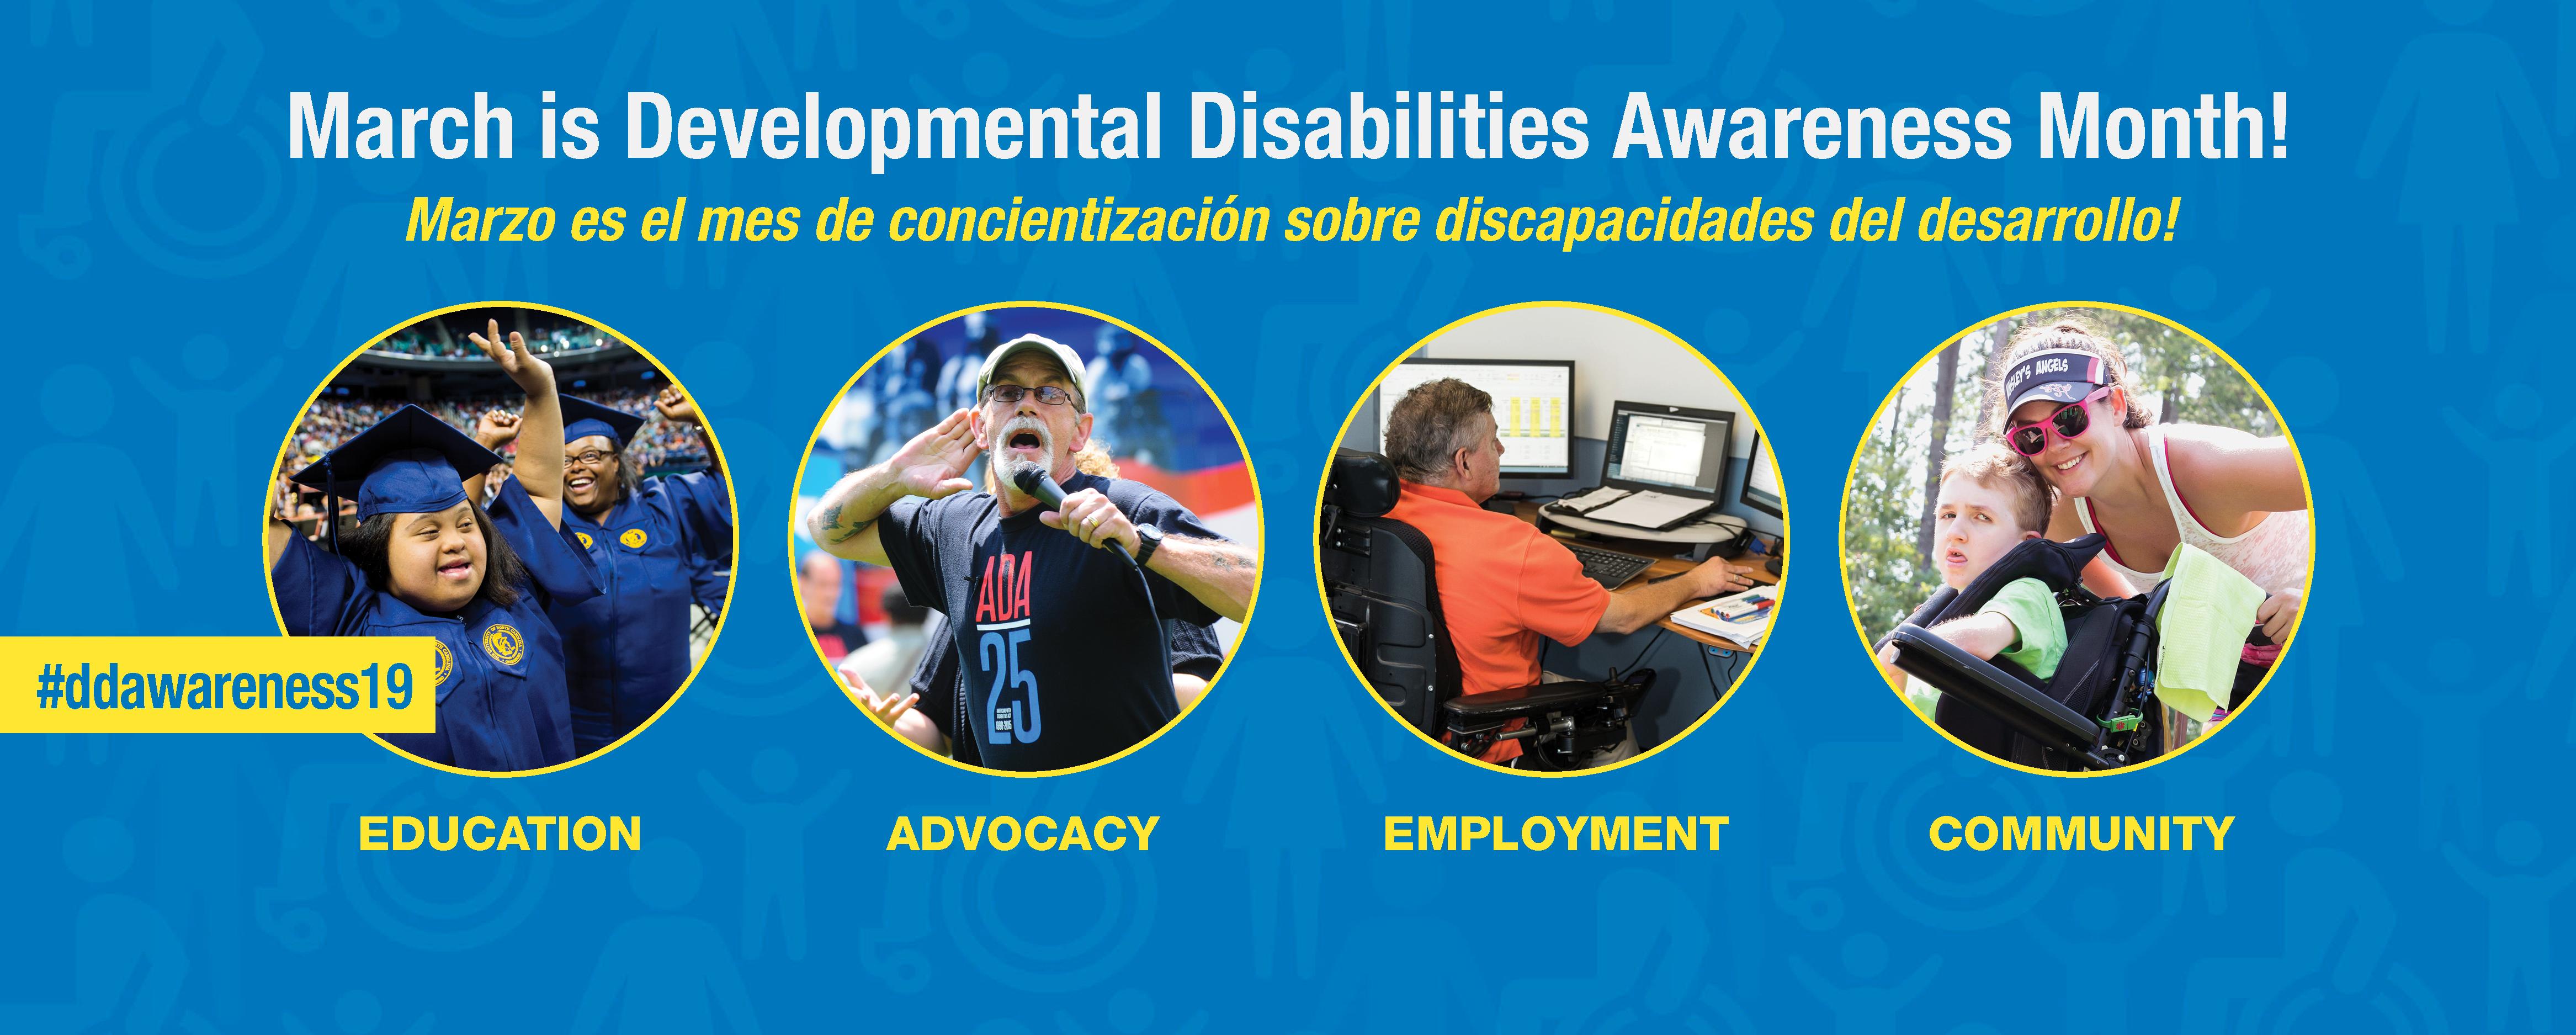 March is Developmental Disabilities Awareness Month! Marzo es el mes de concientización sobre discapacidades del desarrollo. #ddawareness19Developmental Disabilities Awareness Month! See Me For Me. Marzo es el mes de concientiza